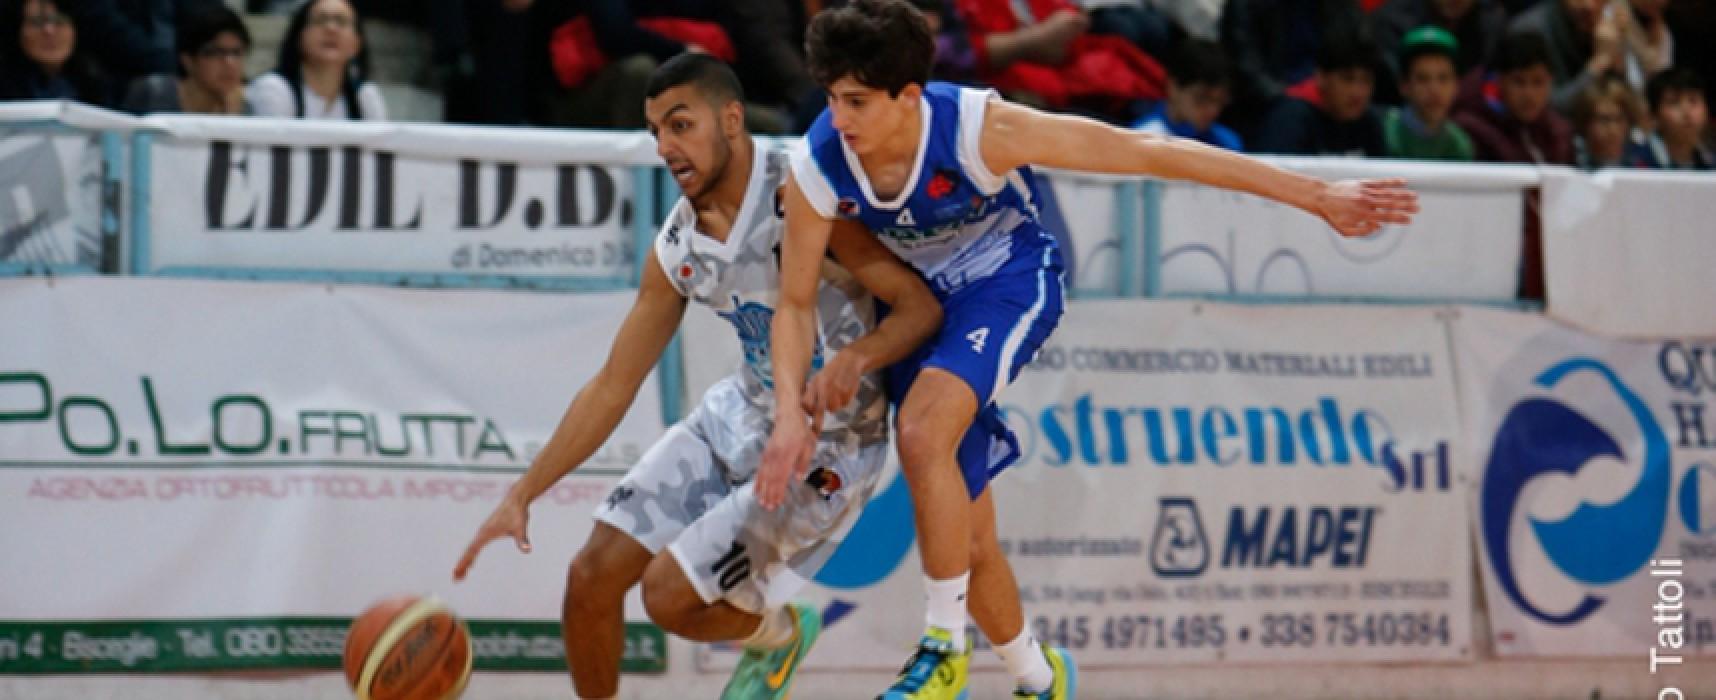 Ambrosia basket pronta a calare il tris del mercato: Chiriatti, Buono e Listwon